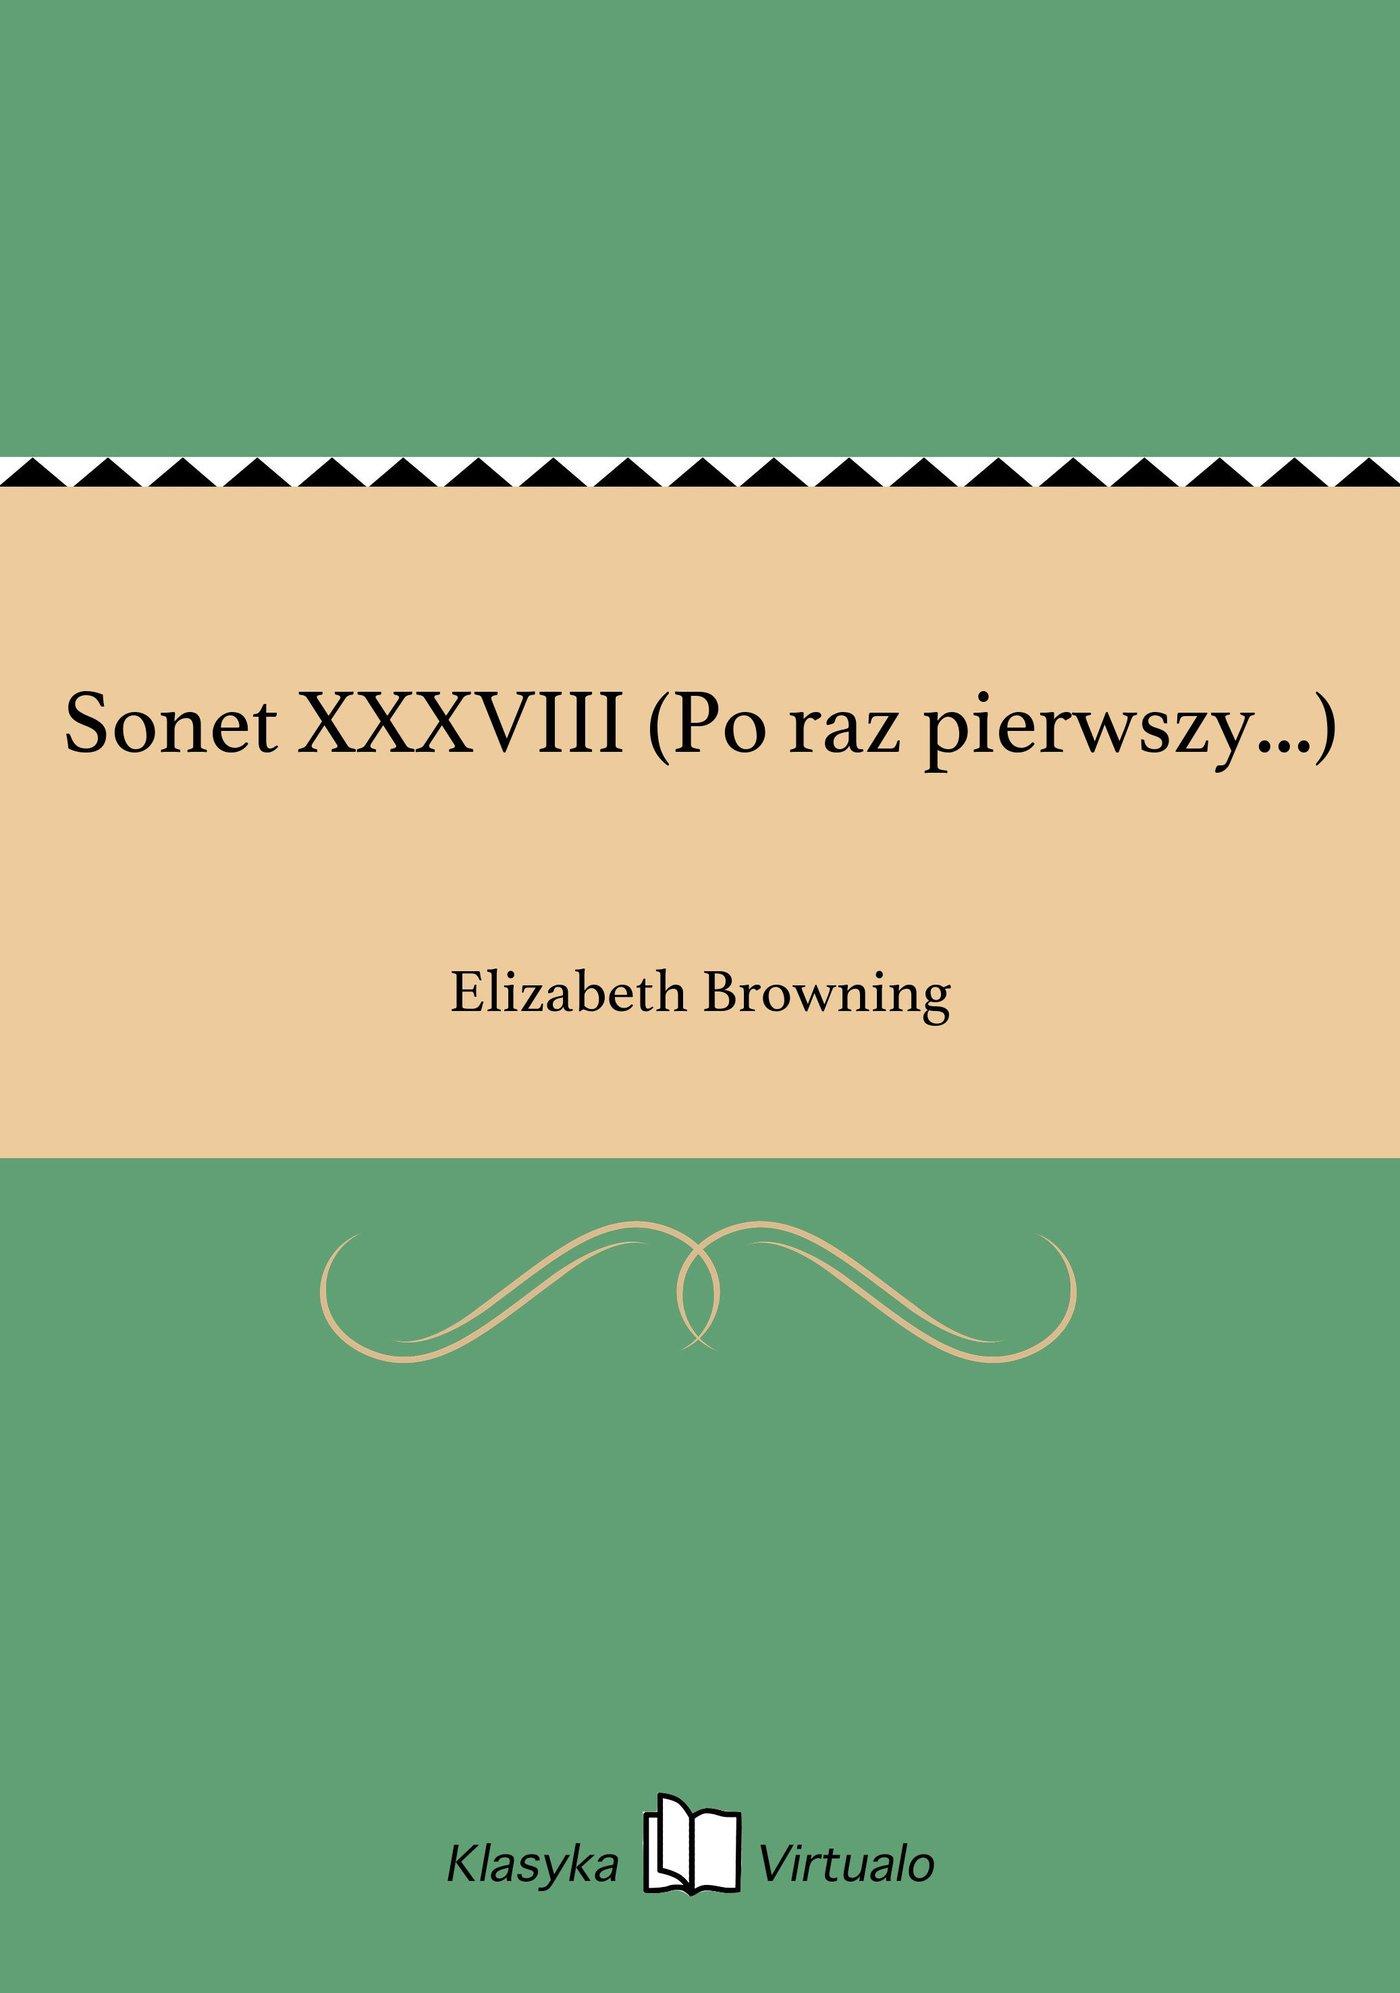 Sonet XXXVIII (Po raz pierwszy...) - Ebook (Książka EPUB) do pobrania w formacie EPUB